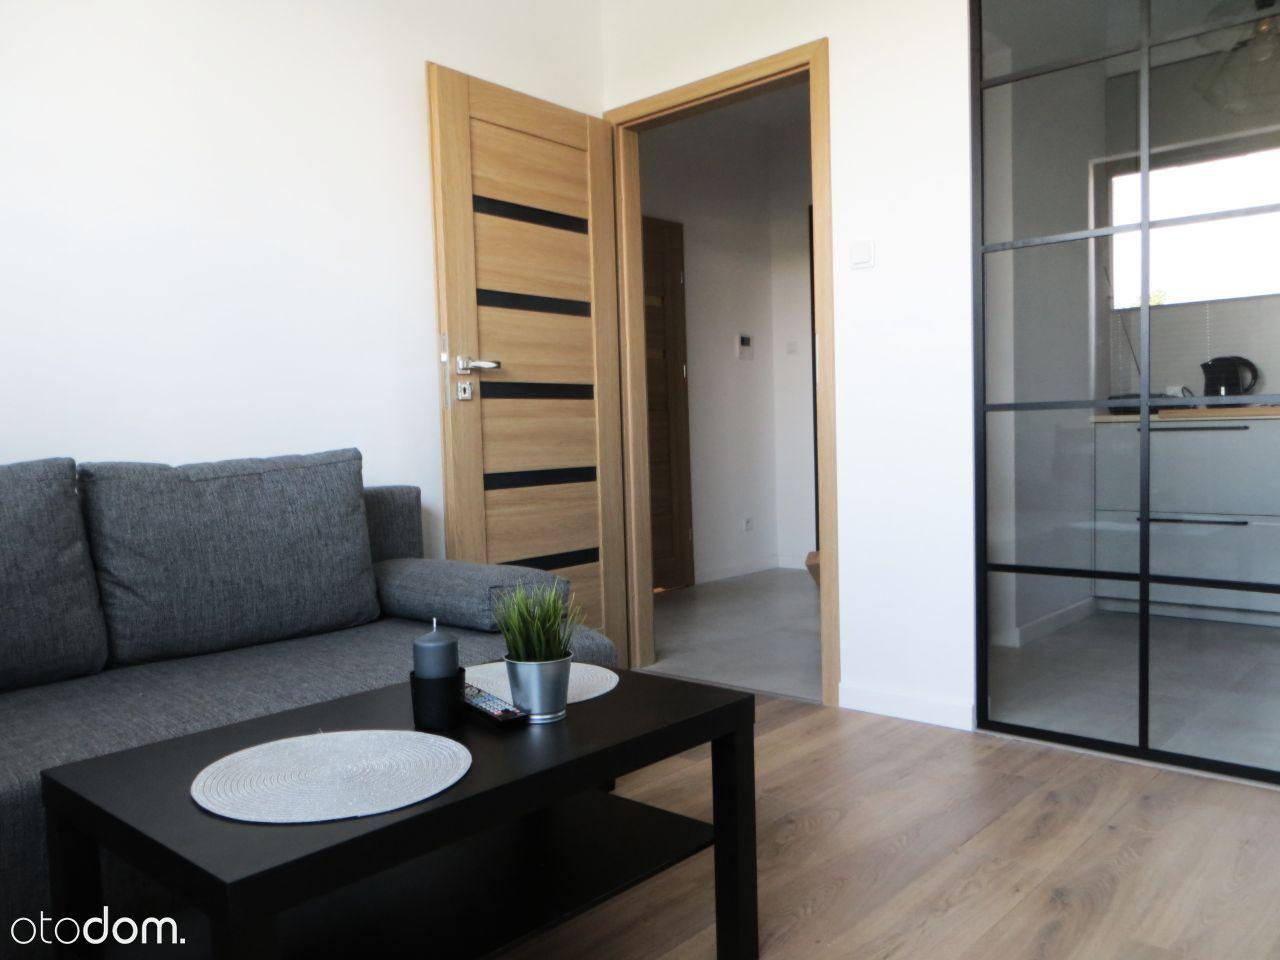 2-pokojowy apartament Zajezdnia Wrzeszcz Gdańsk